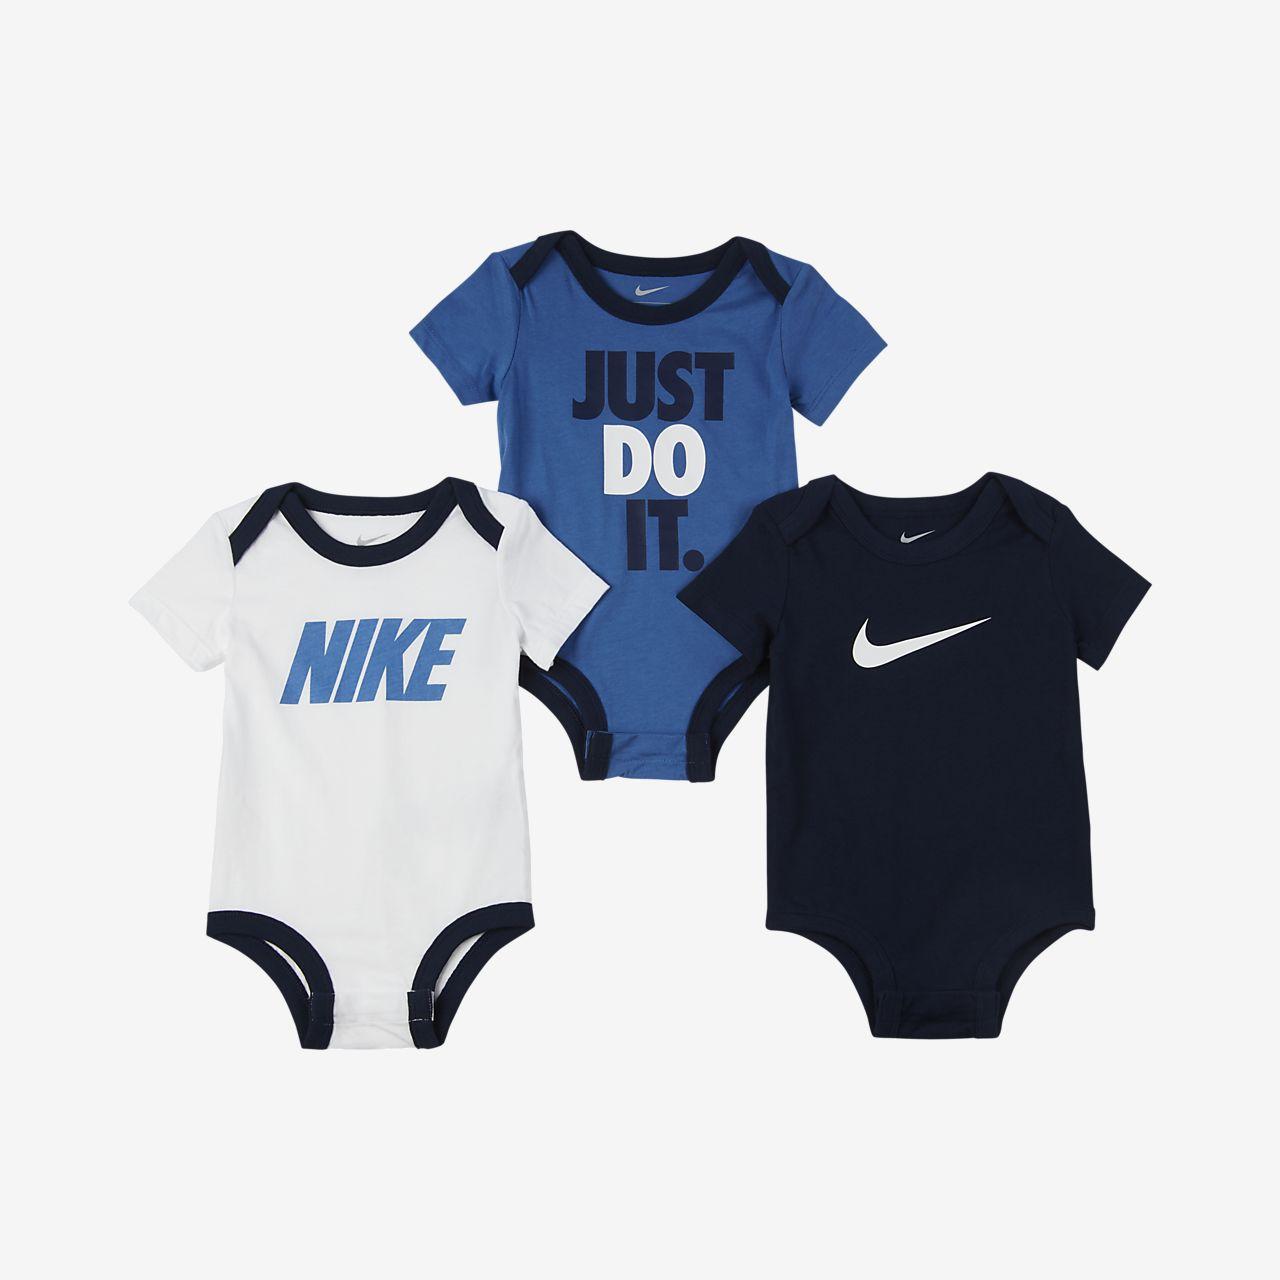 Σετ ολόσωμα κορμάκια Nike για βρέφη (0-9M) (3 τεμάχια)